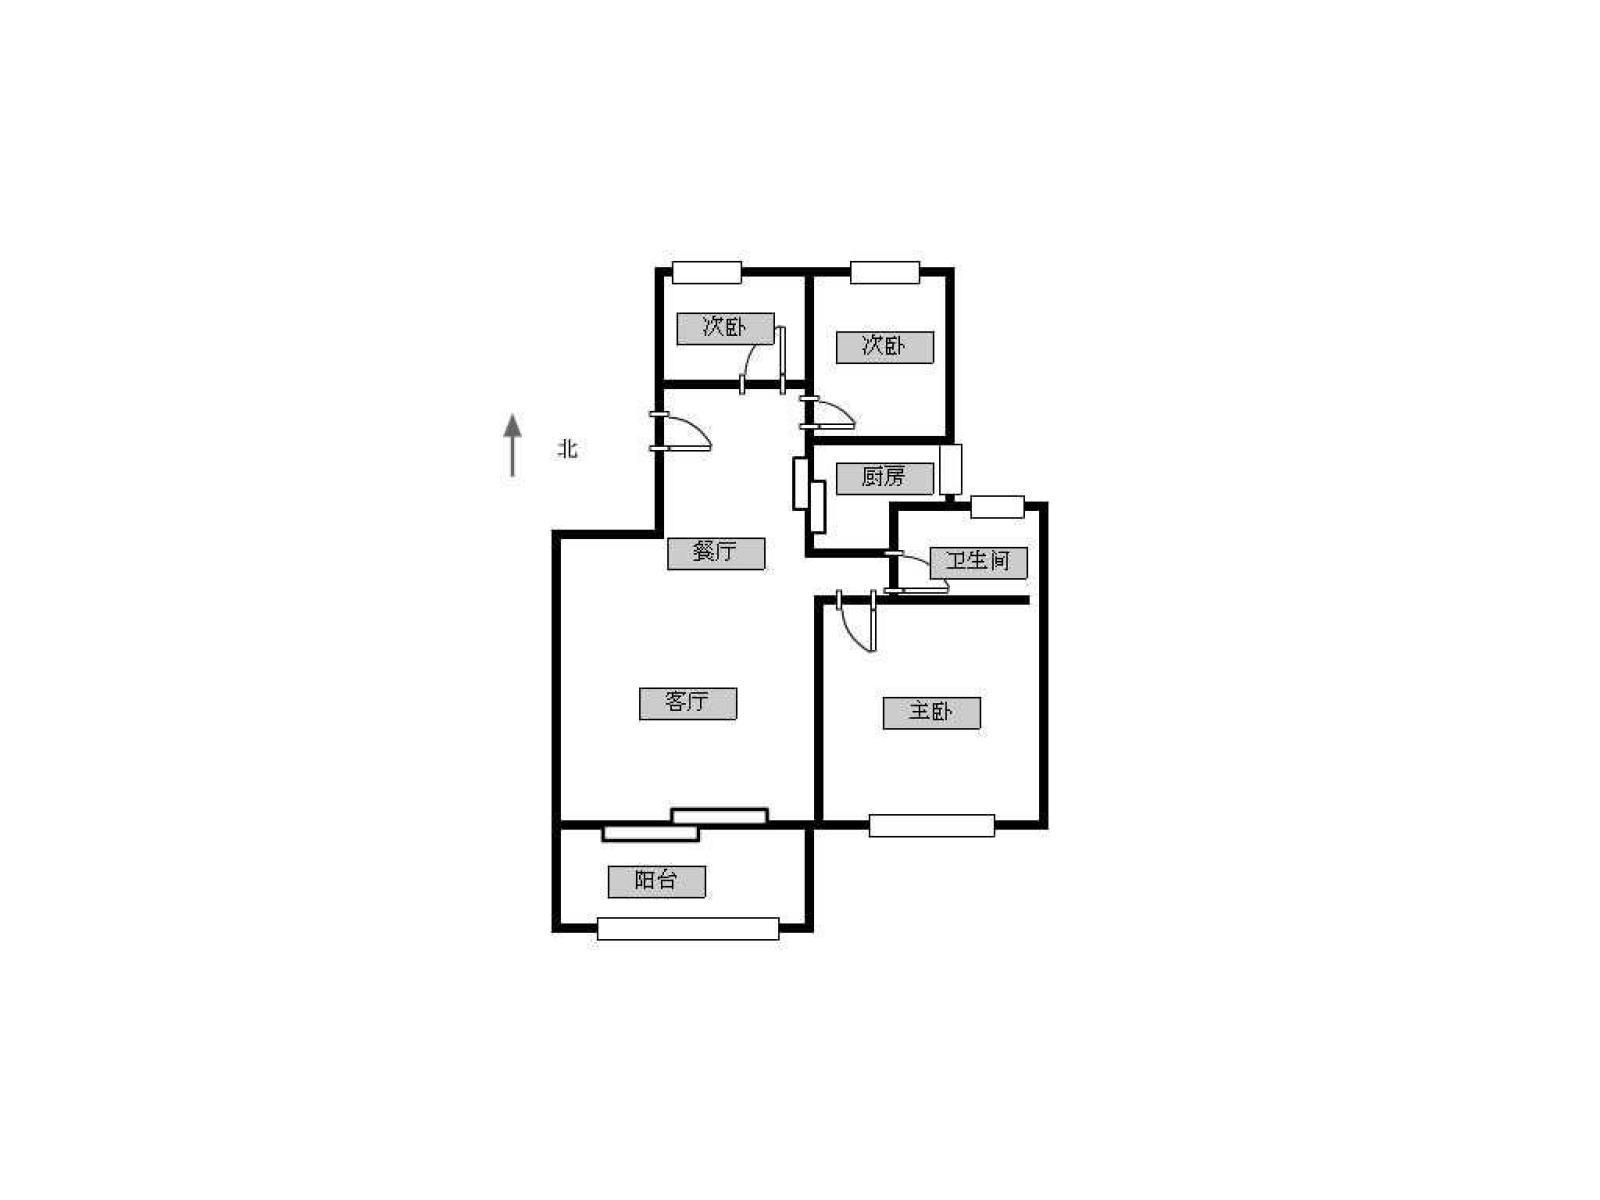 玄武区孝陵卫大发融悦3室2厅户型图